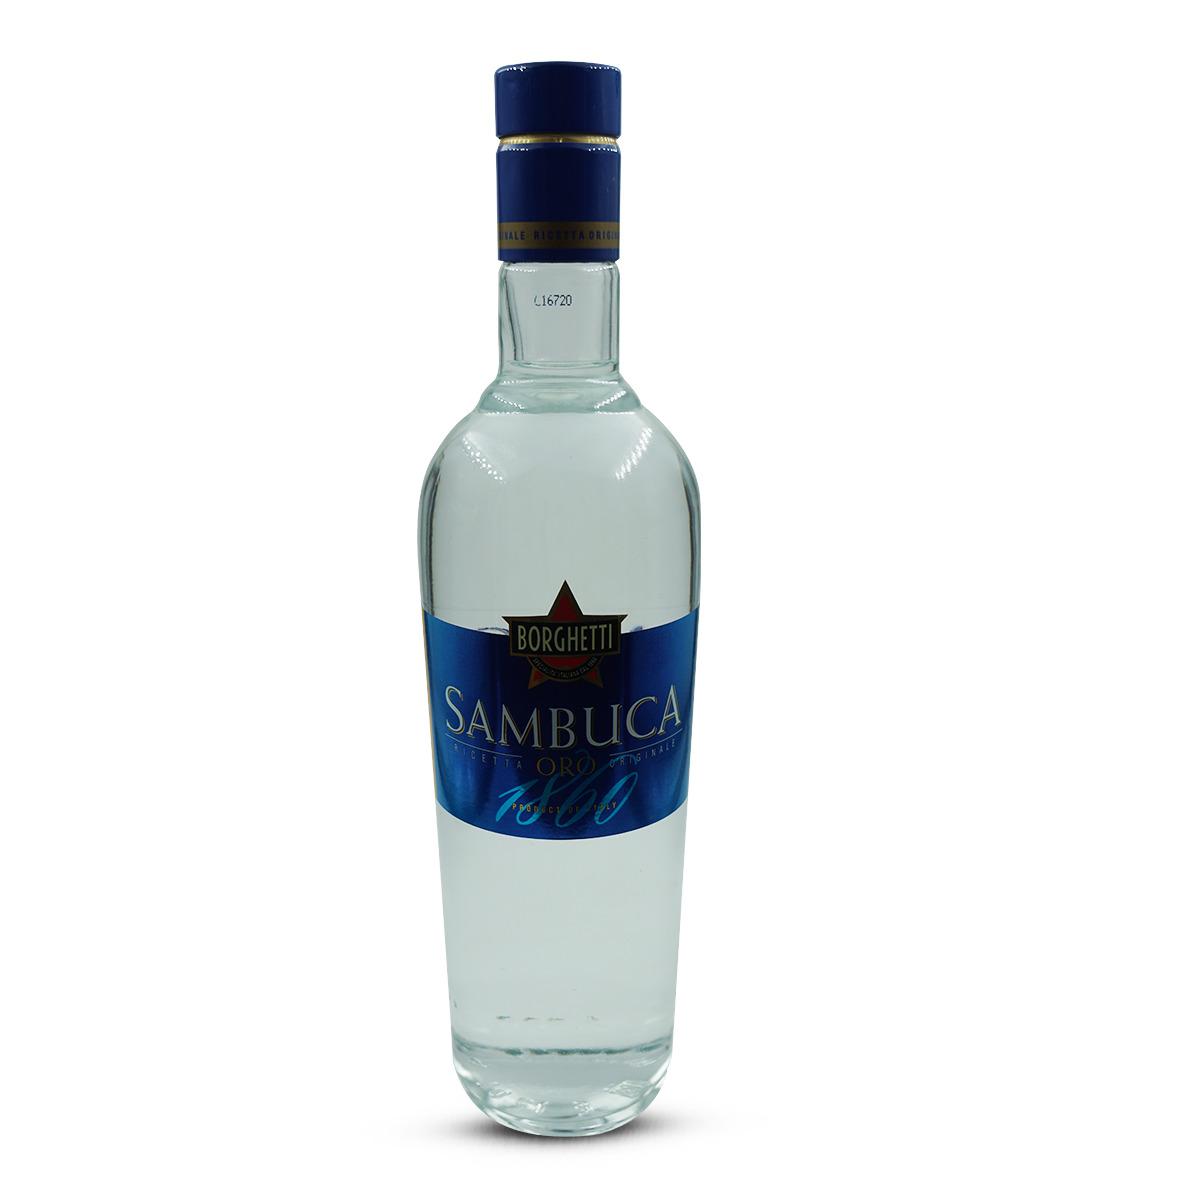 Borghetti Sambuca Oro Liquore